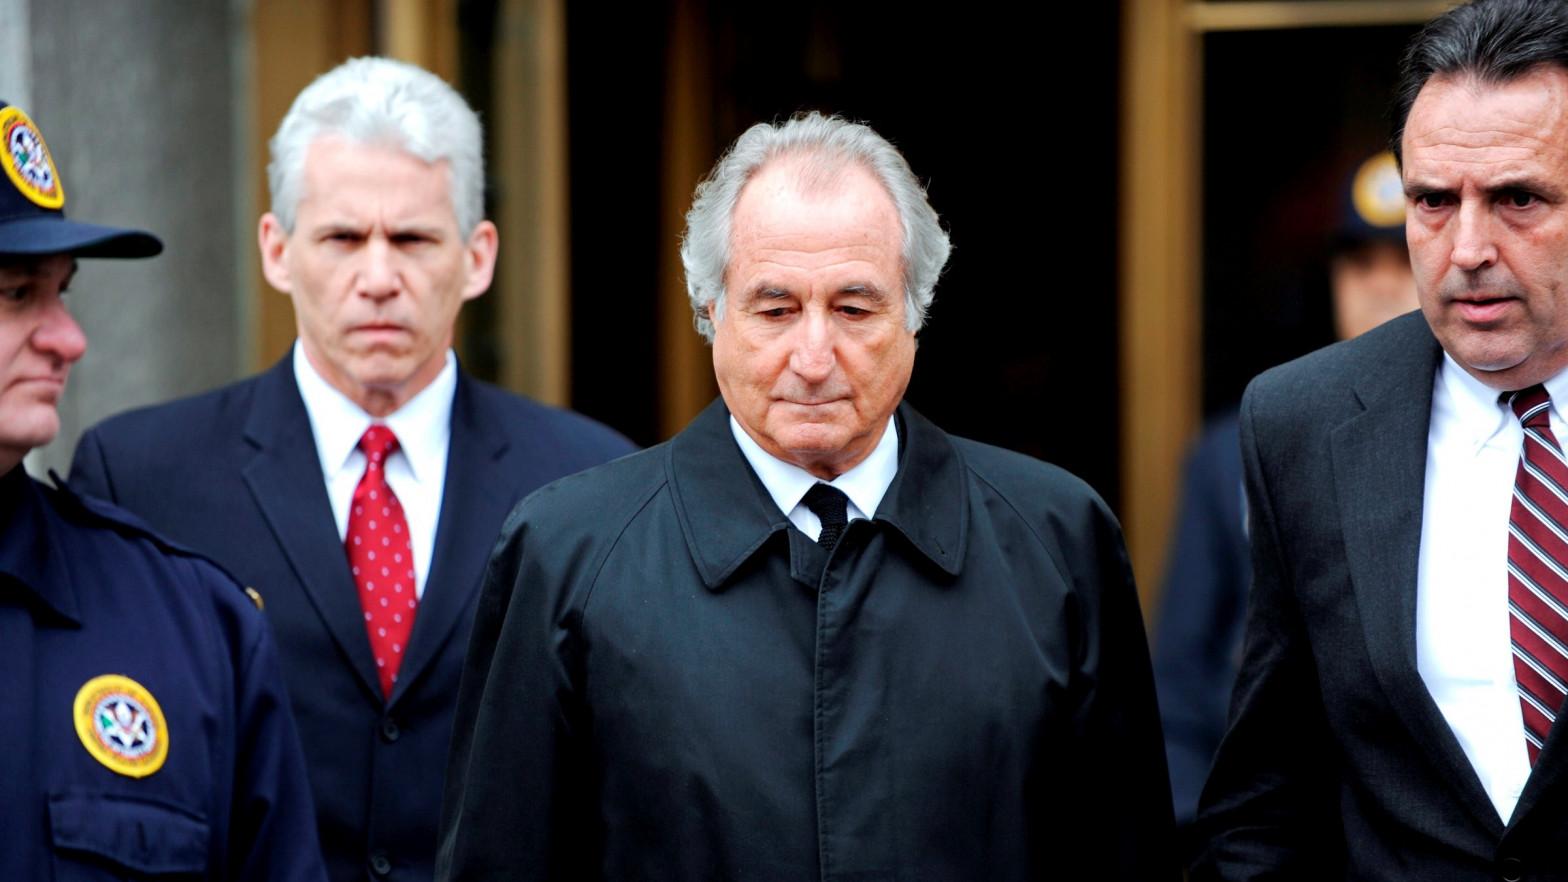 Madoff, el 'mago' de las finanzas al que le descubrieron el truco